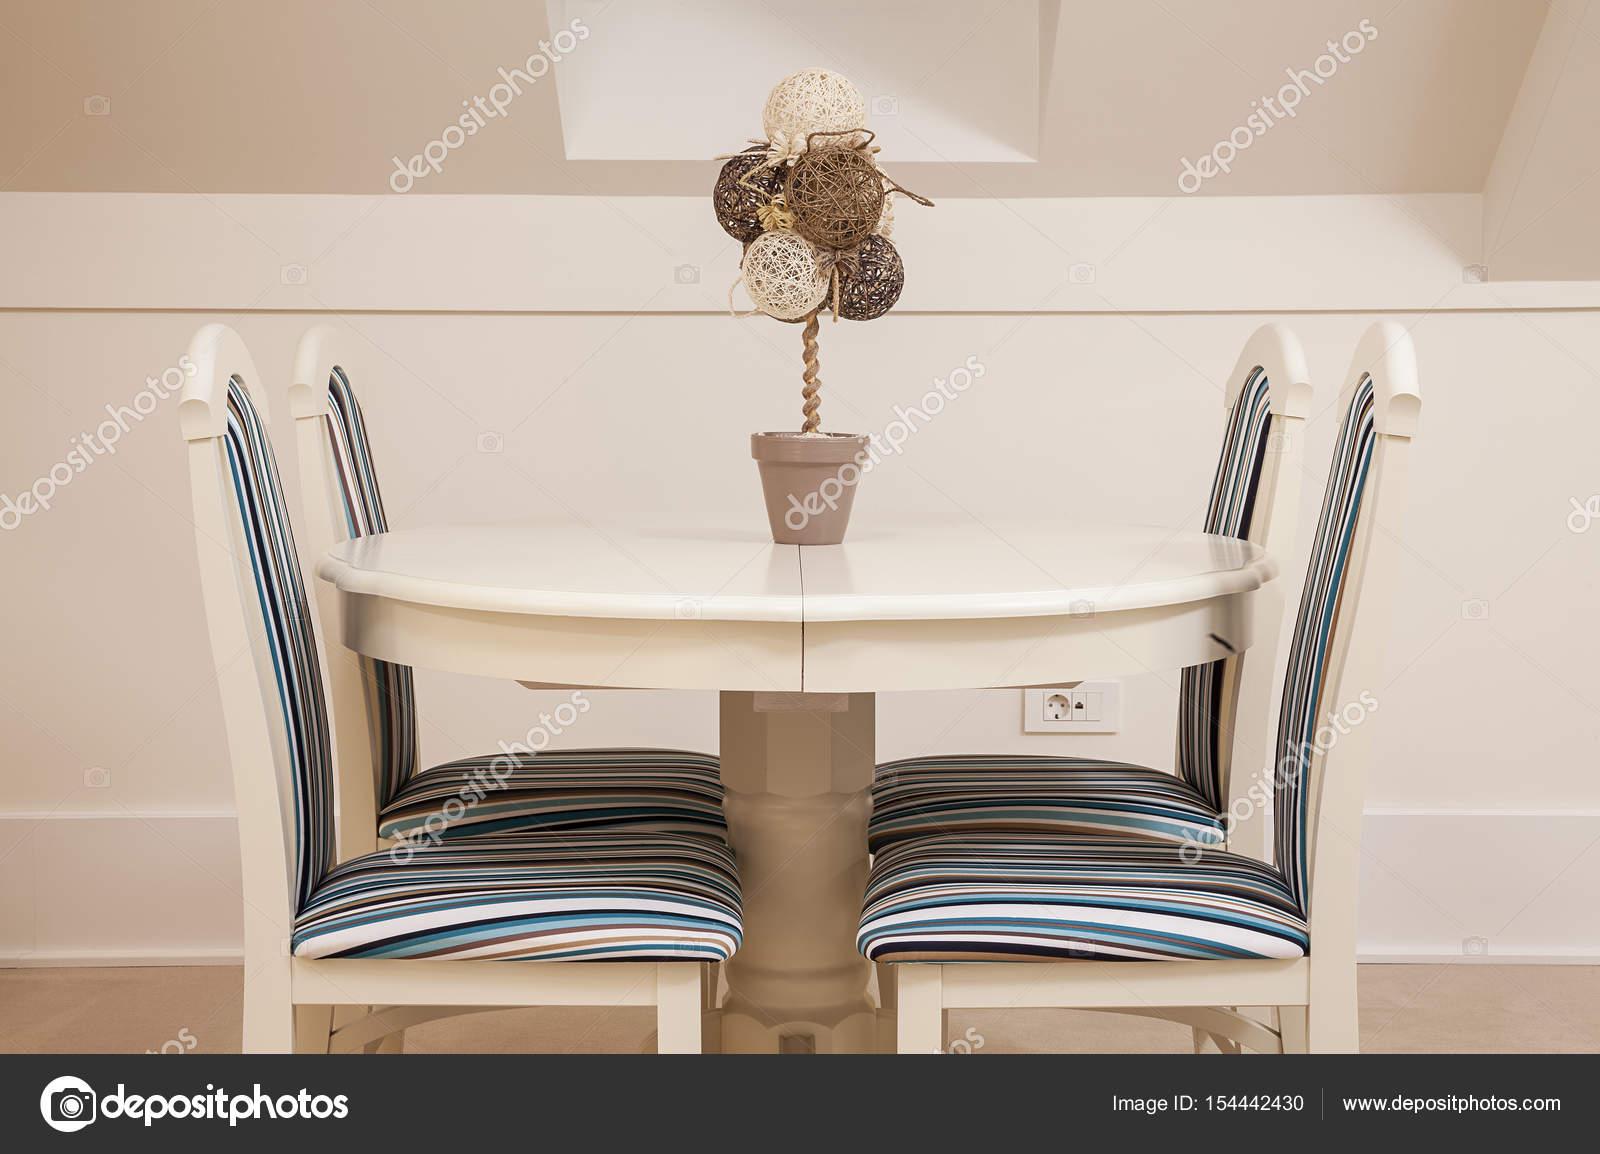 Verziert Set Stühle und Tisch — Stockfoto © krsmanovic #154442430